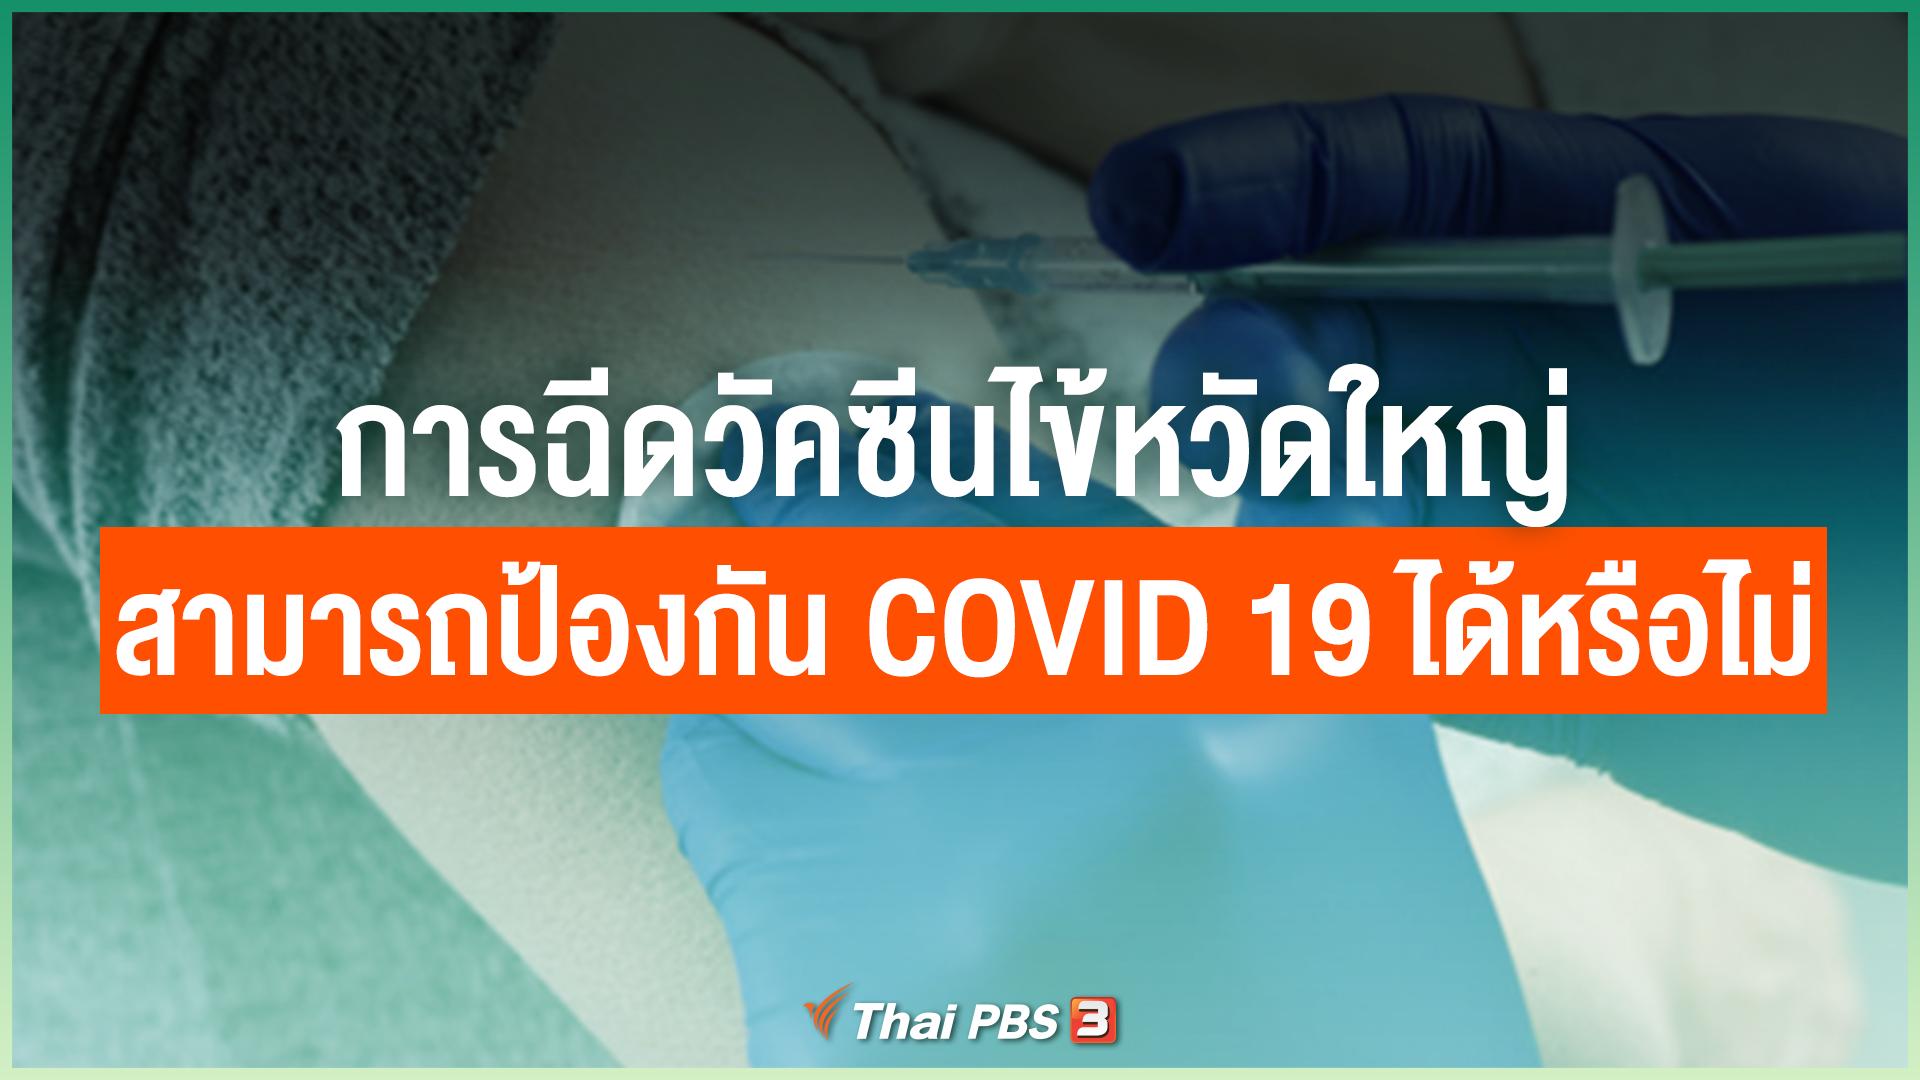 การฉีดวัคซีนไข้หวัดใหญ่ สามารถป้องกัน COVID-19 ได้หรือไม่ ?